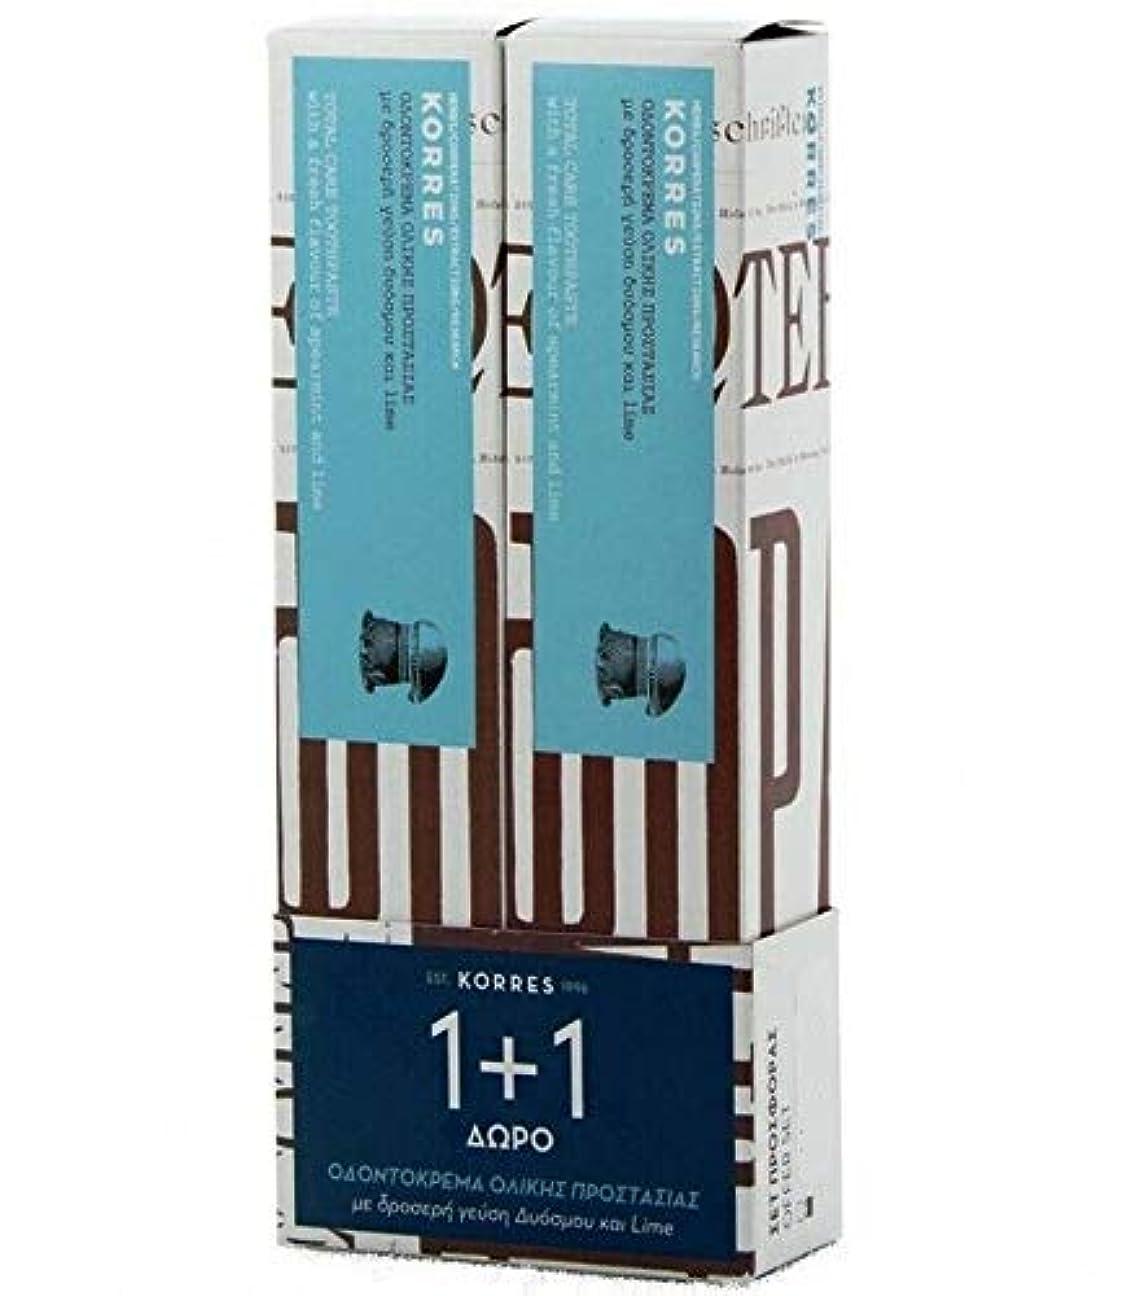 親ダース起こりやすいKorres トータルケア歯磨き粉 フレッシュフレーバーオブスペアミント&ライム 1+1 提供